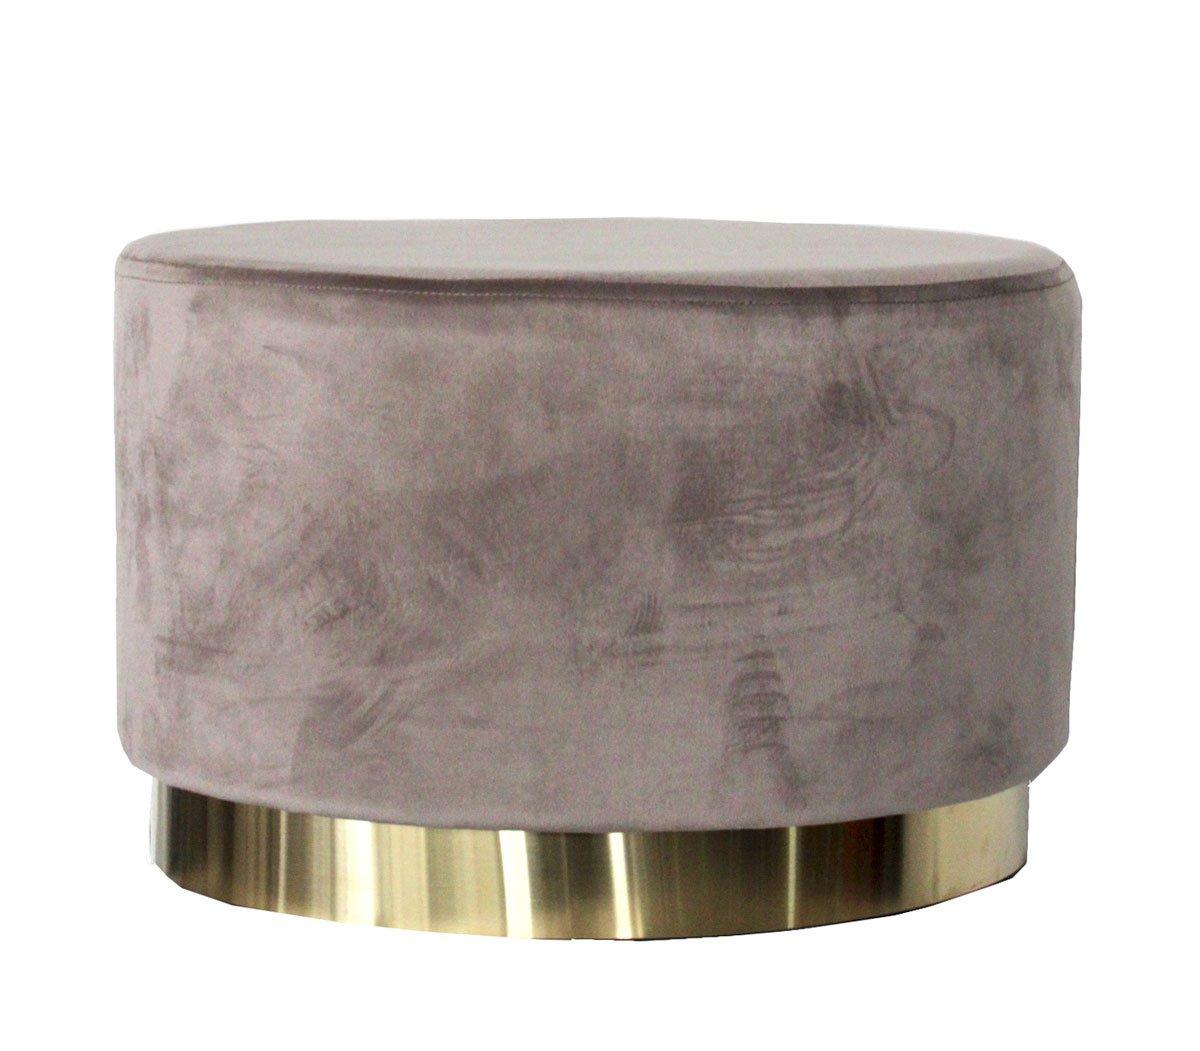 35x53x35 cm Keyhomestore Pouf Ovale Color Cipria per Soggiorno in Elegante Velluto Linea Soft